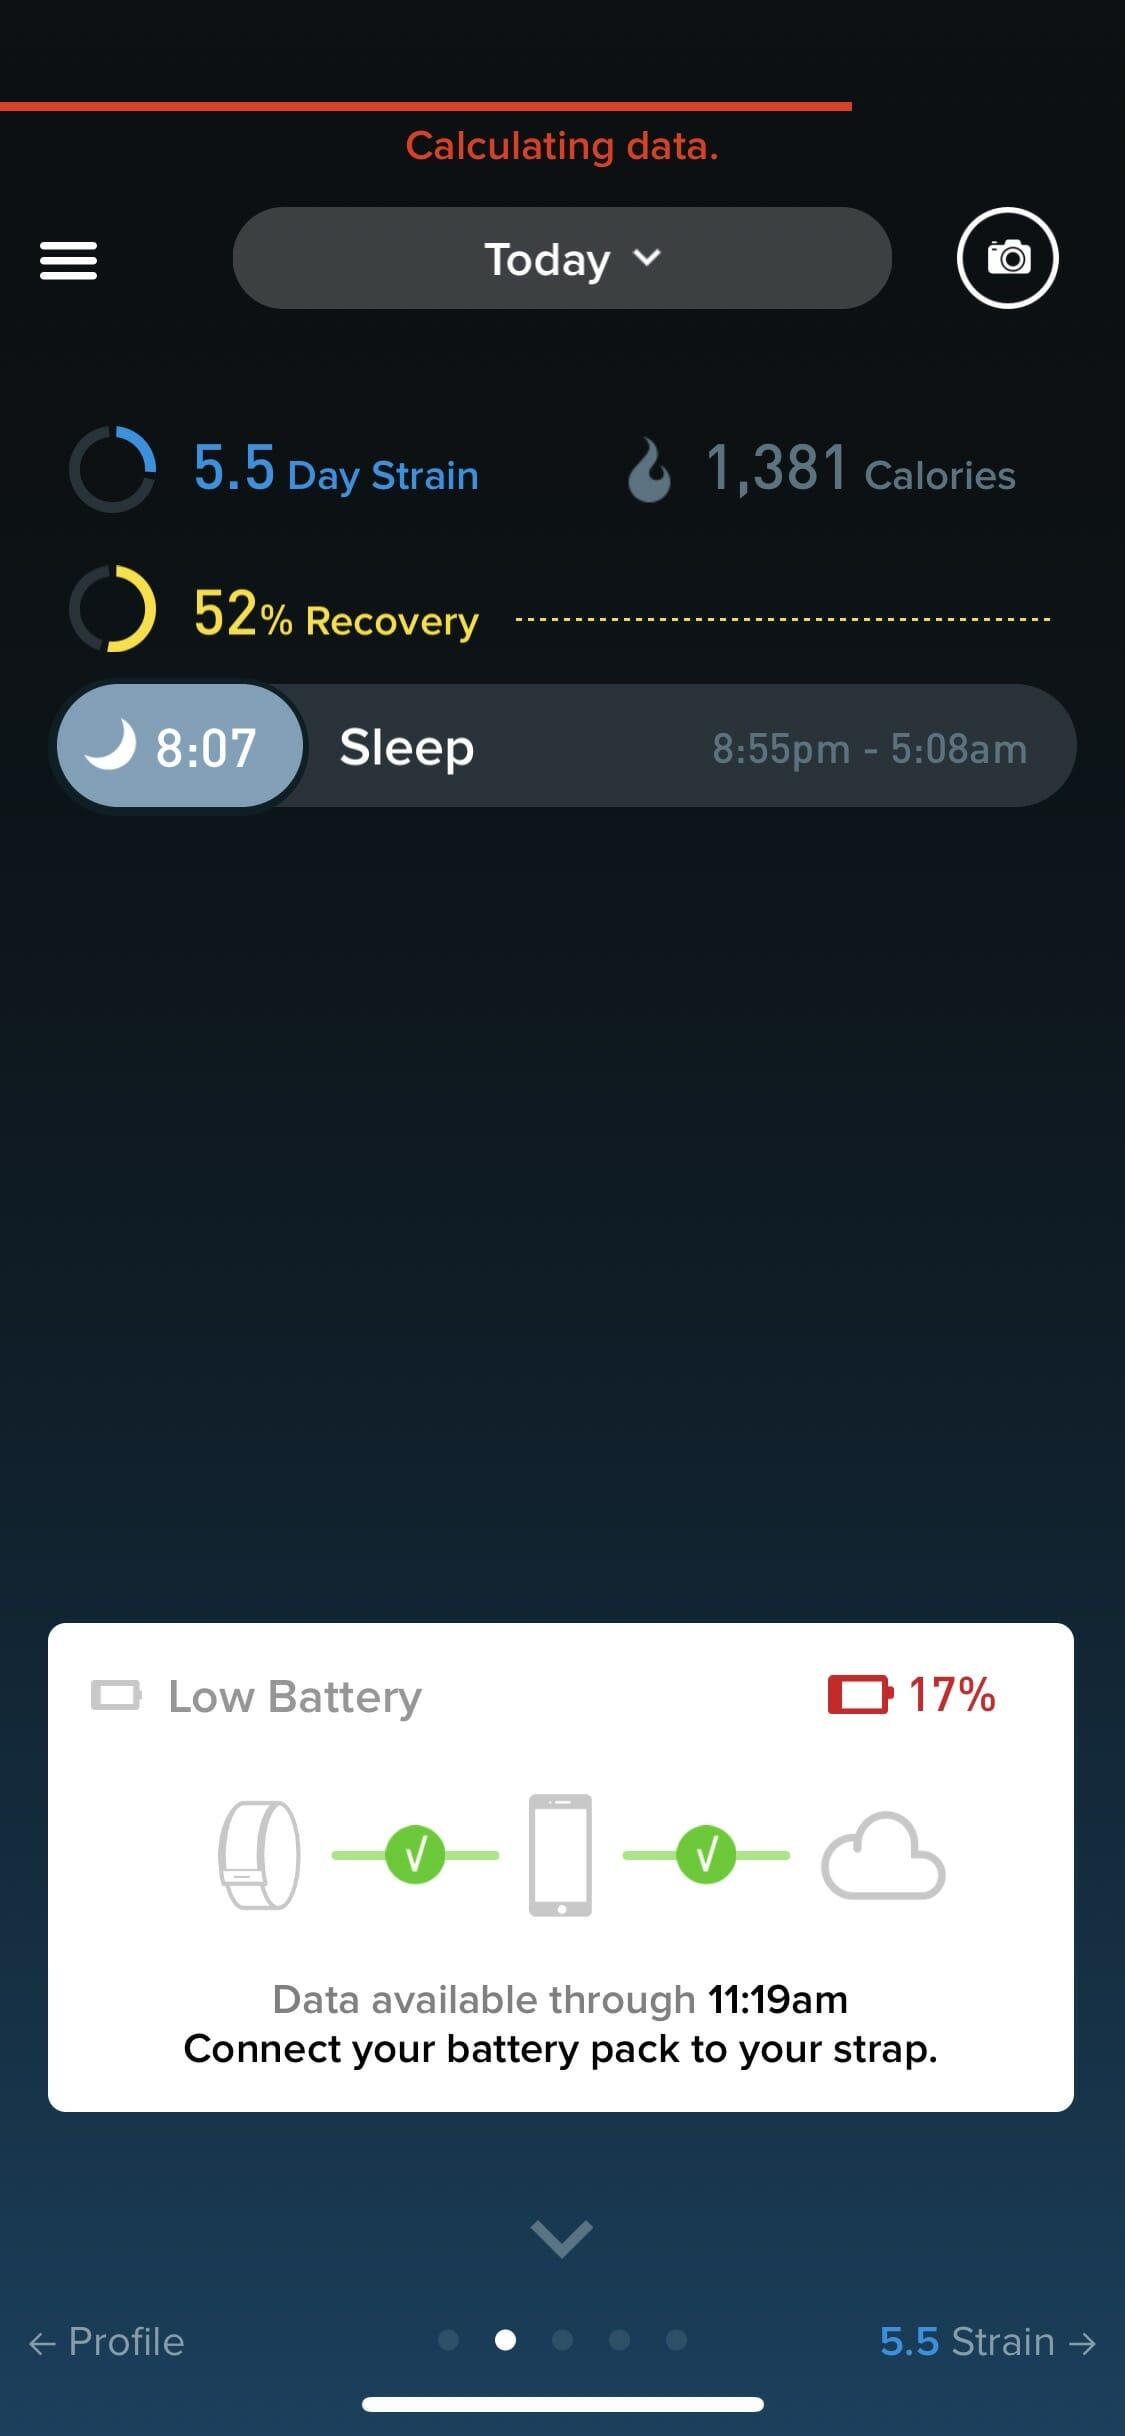 WHOOP - App - Low Battery